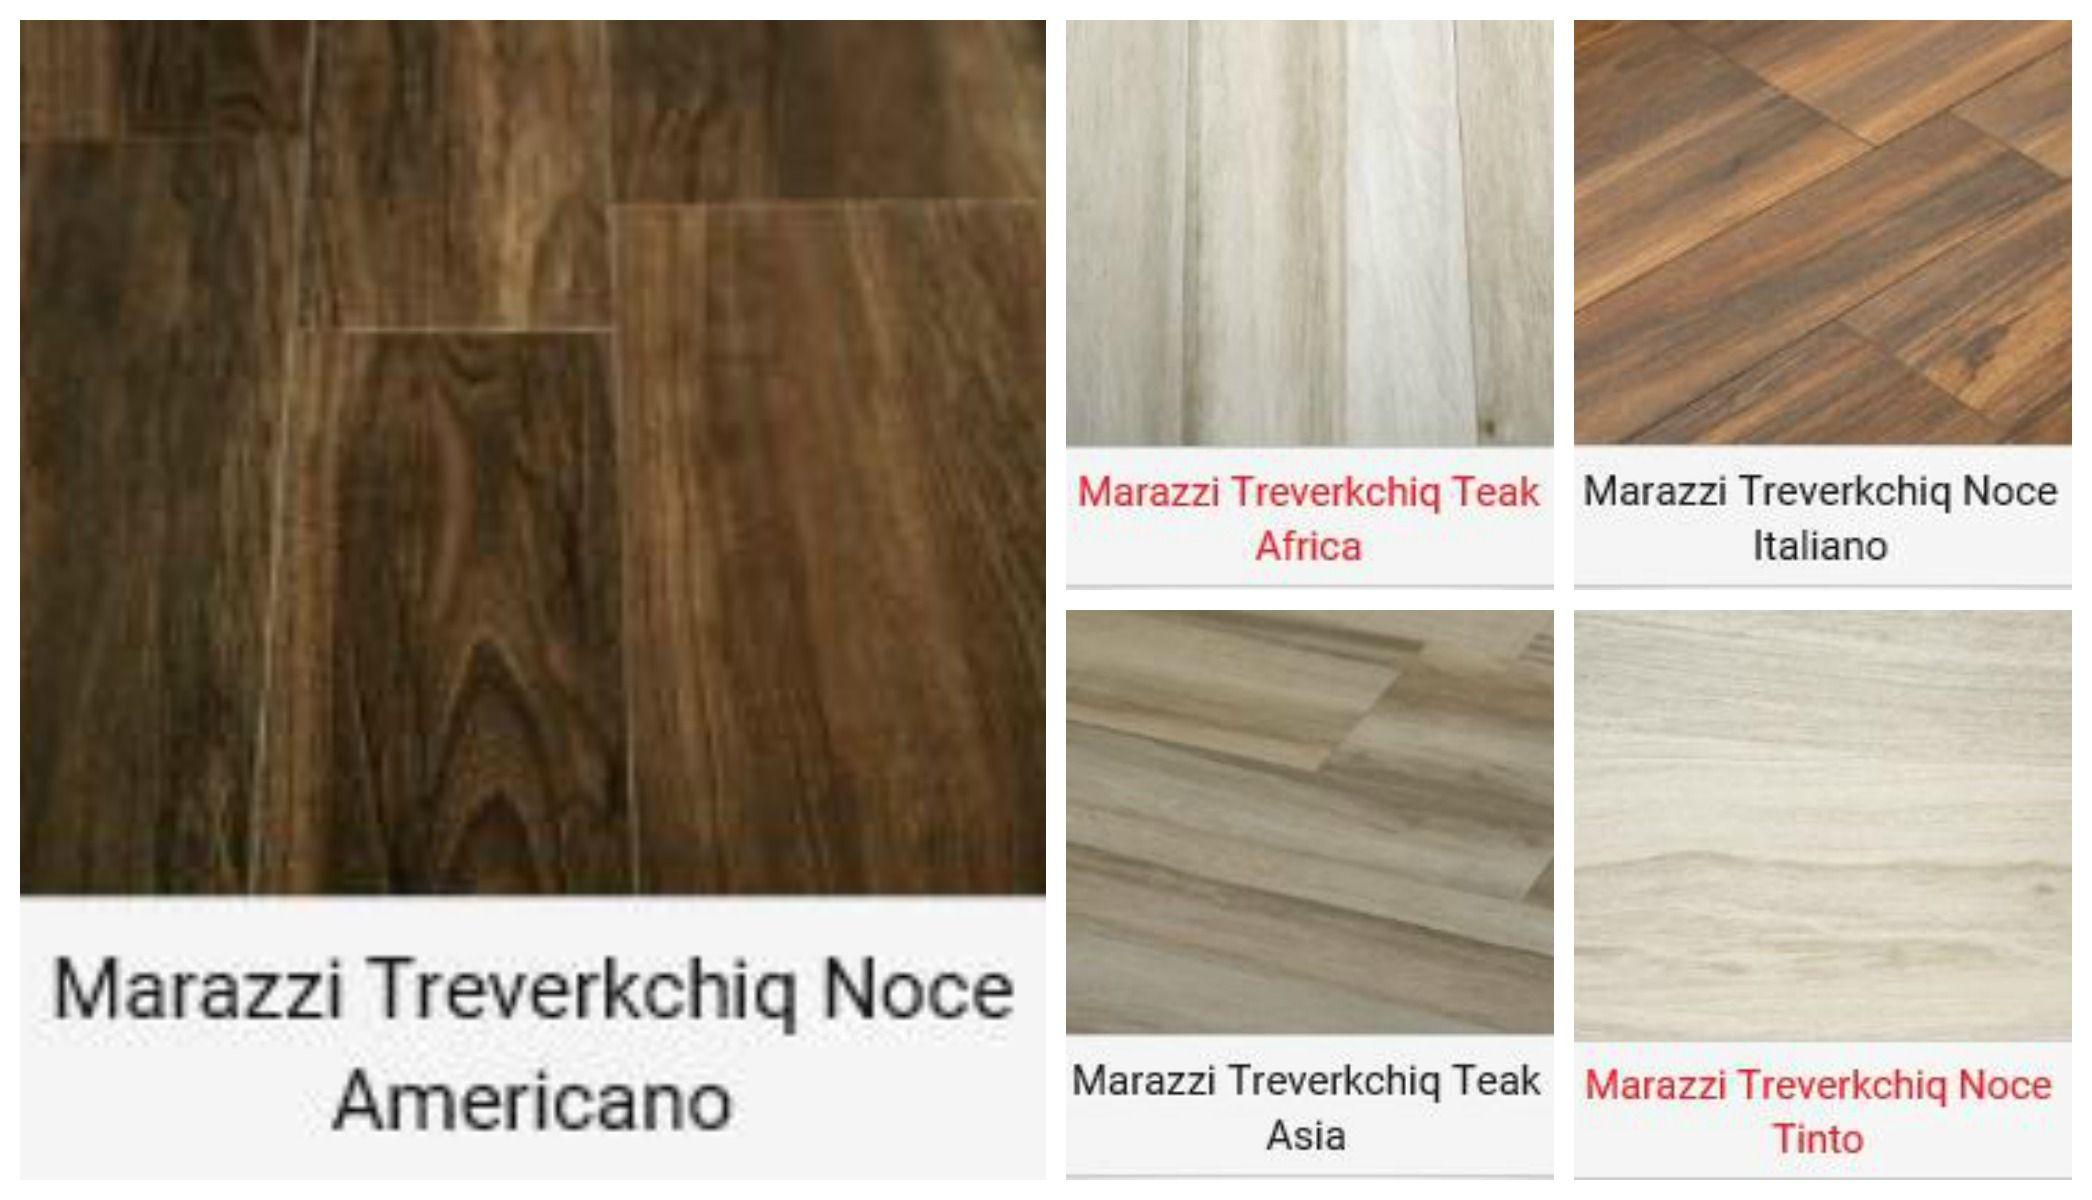 Marazzi treverk chic keramisch parket houtlook vanaf for Marazzi treverk teak